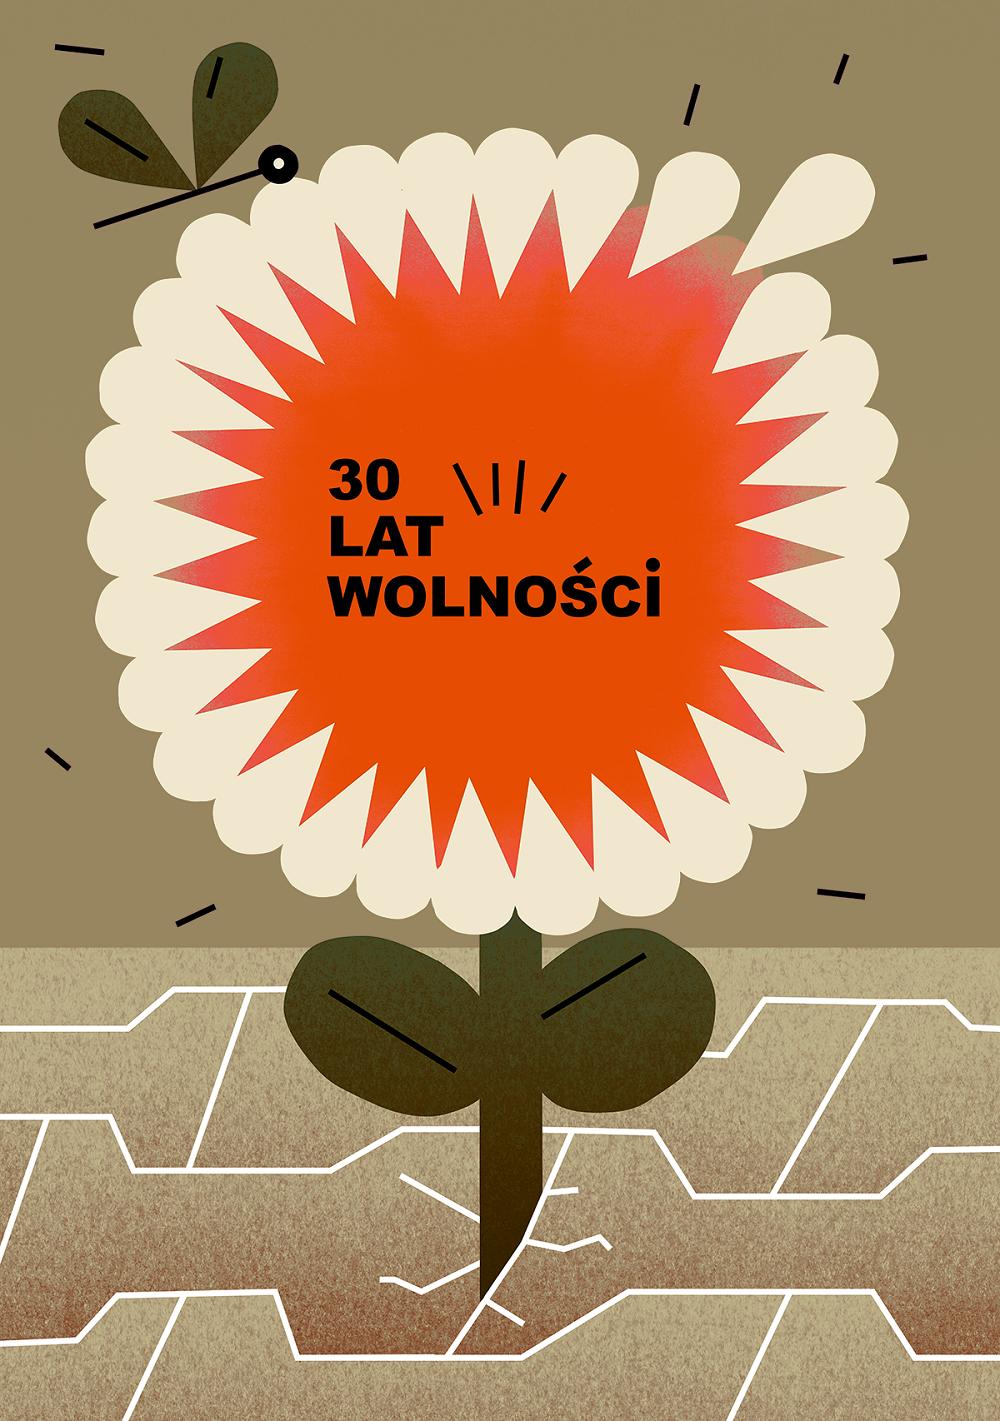 30-lat wolnosci_by Ola Niepsuj_designalive